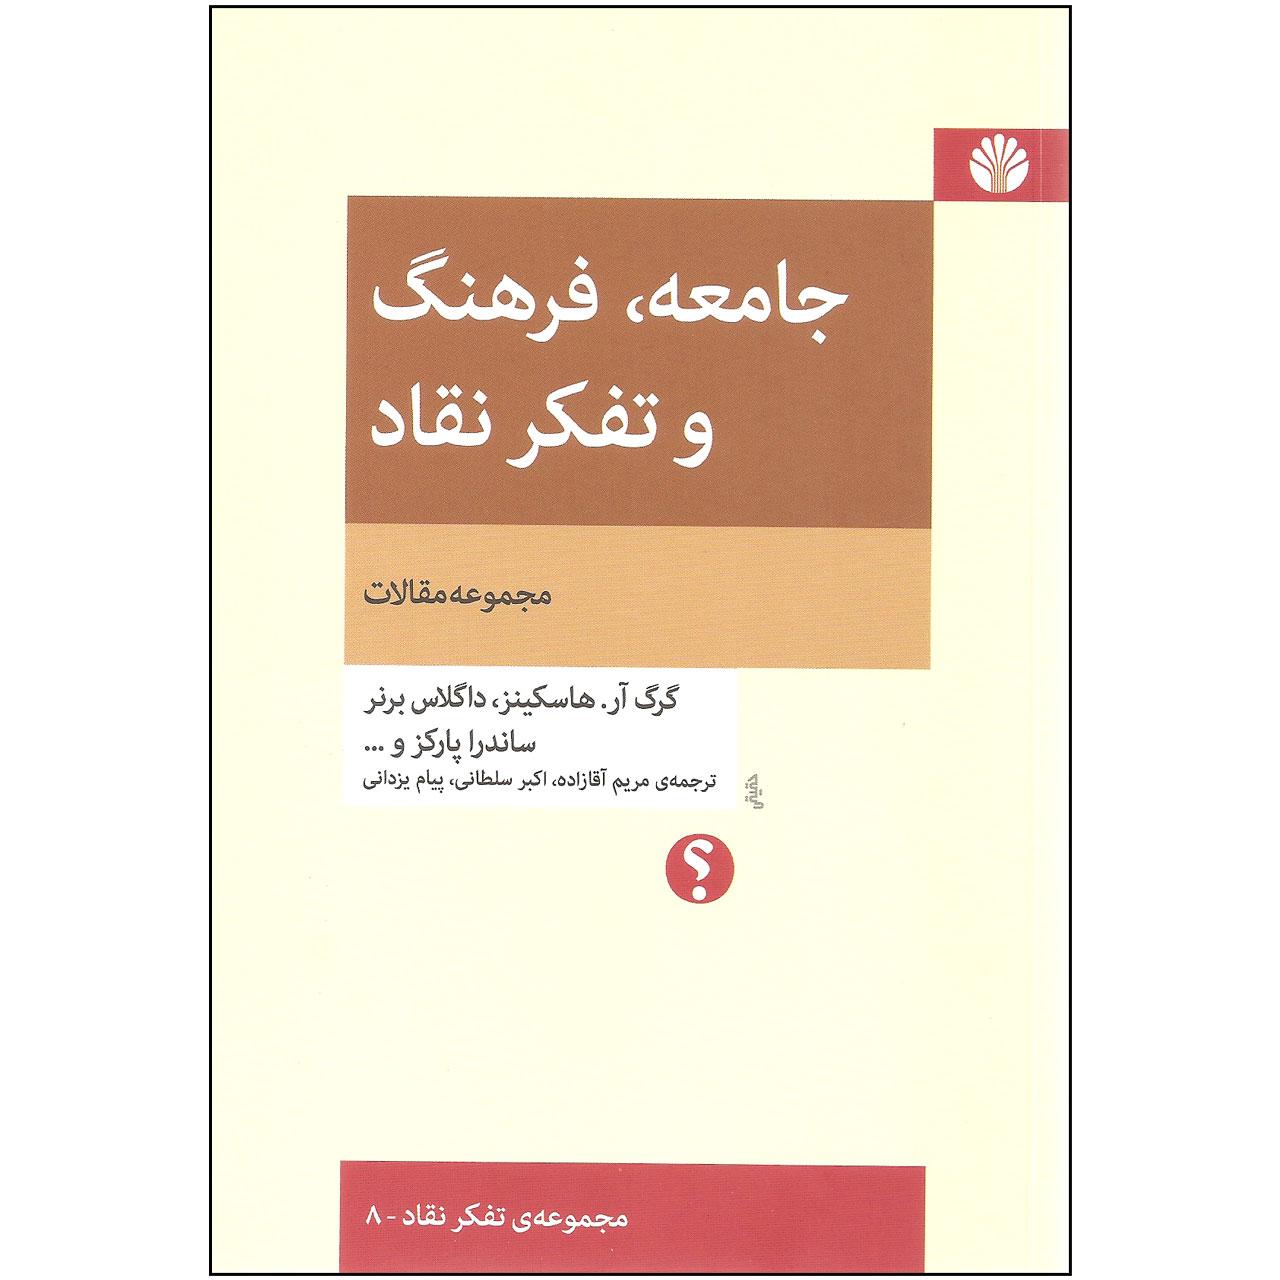 خرید                      کتاب جامعه فرهنگ و تفکر نقاد اثر جمعی از نویسندگان نشر اختران